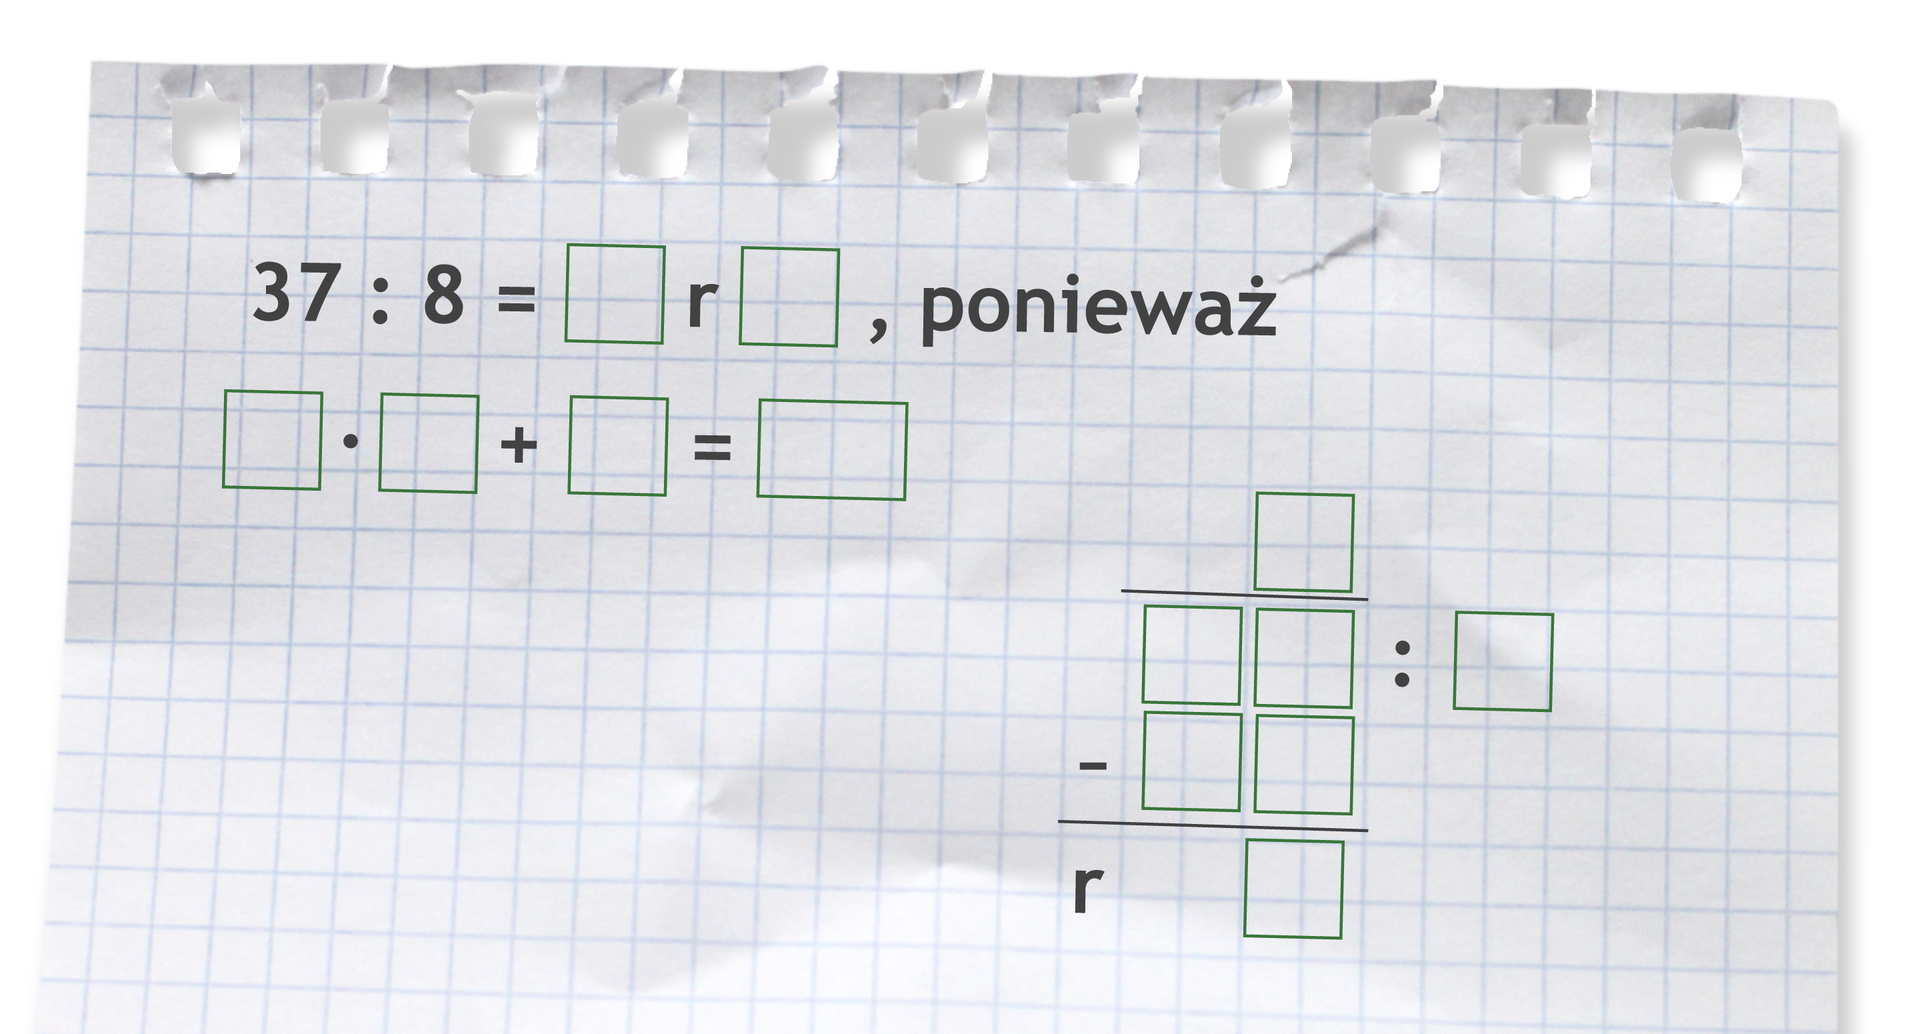 Miejsce do wykonania dzielenia zresztą: 37 dzielone przez 8.